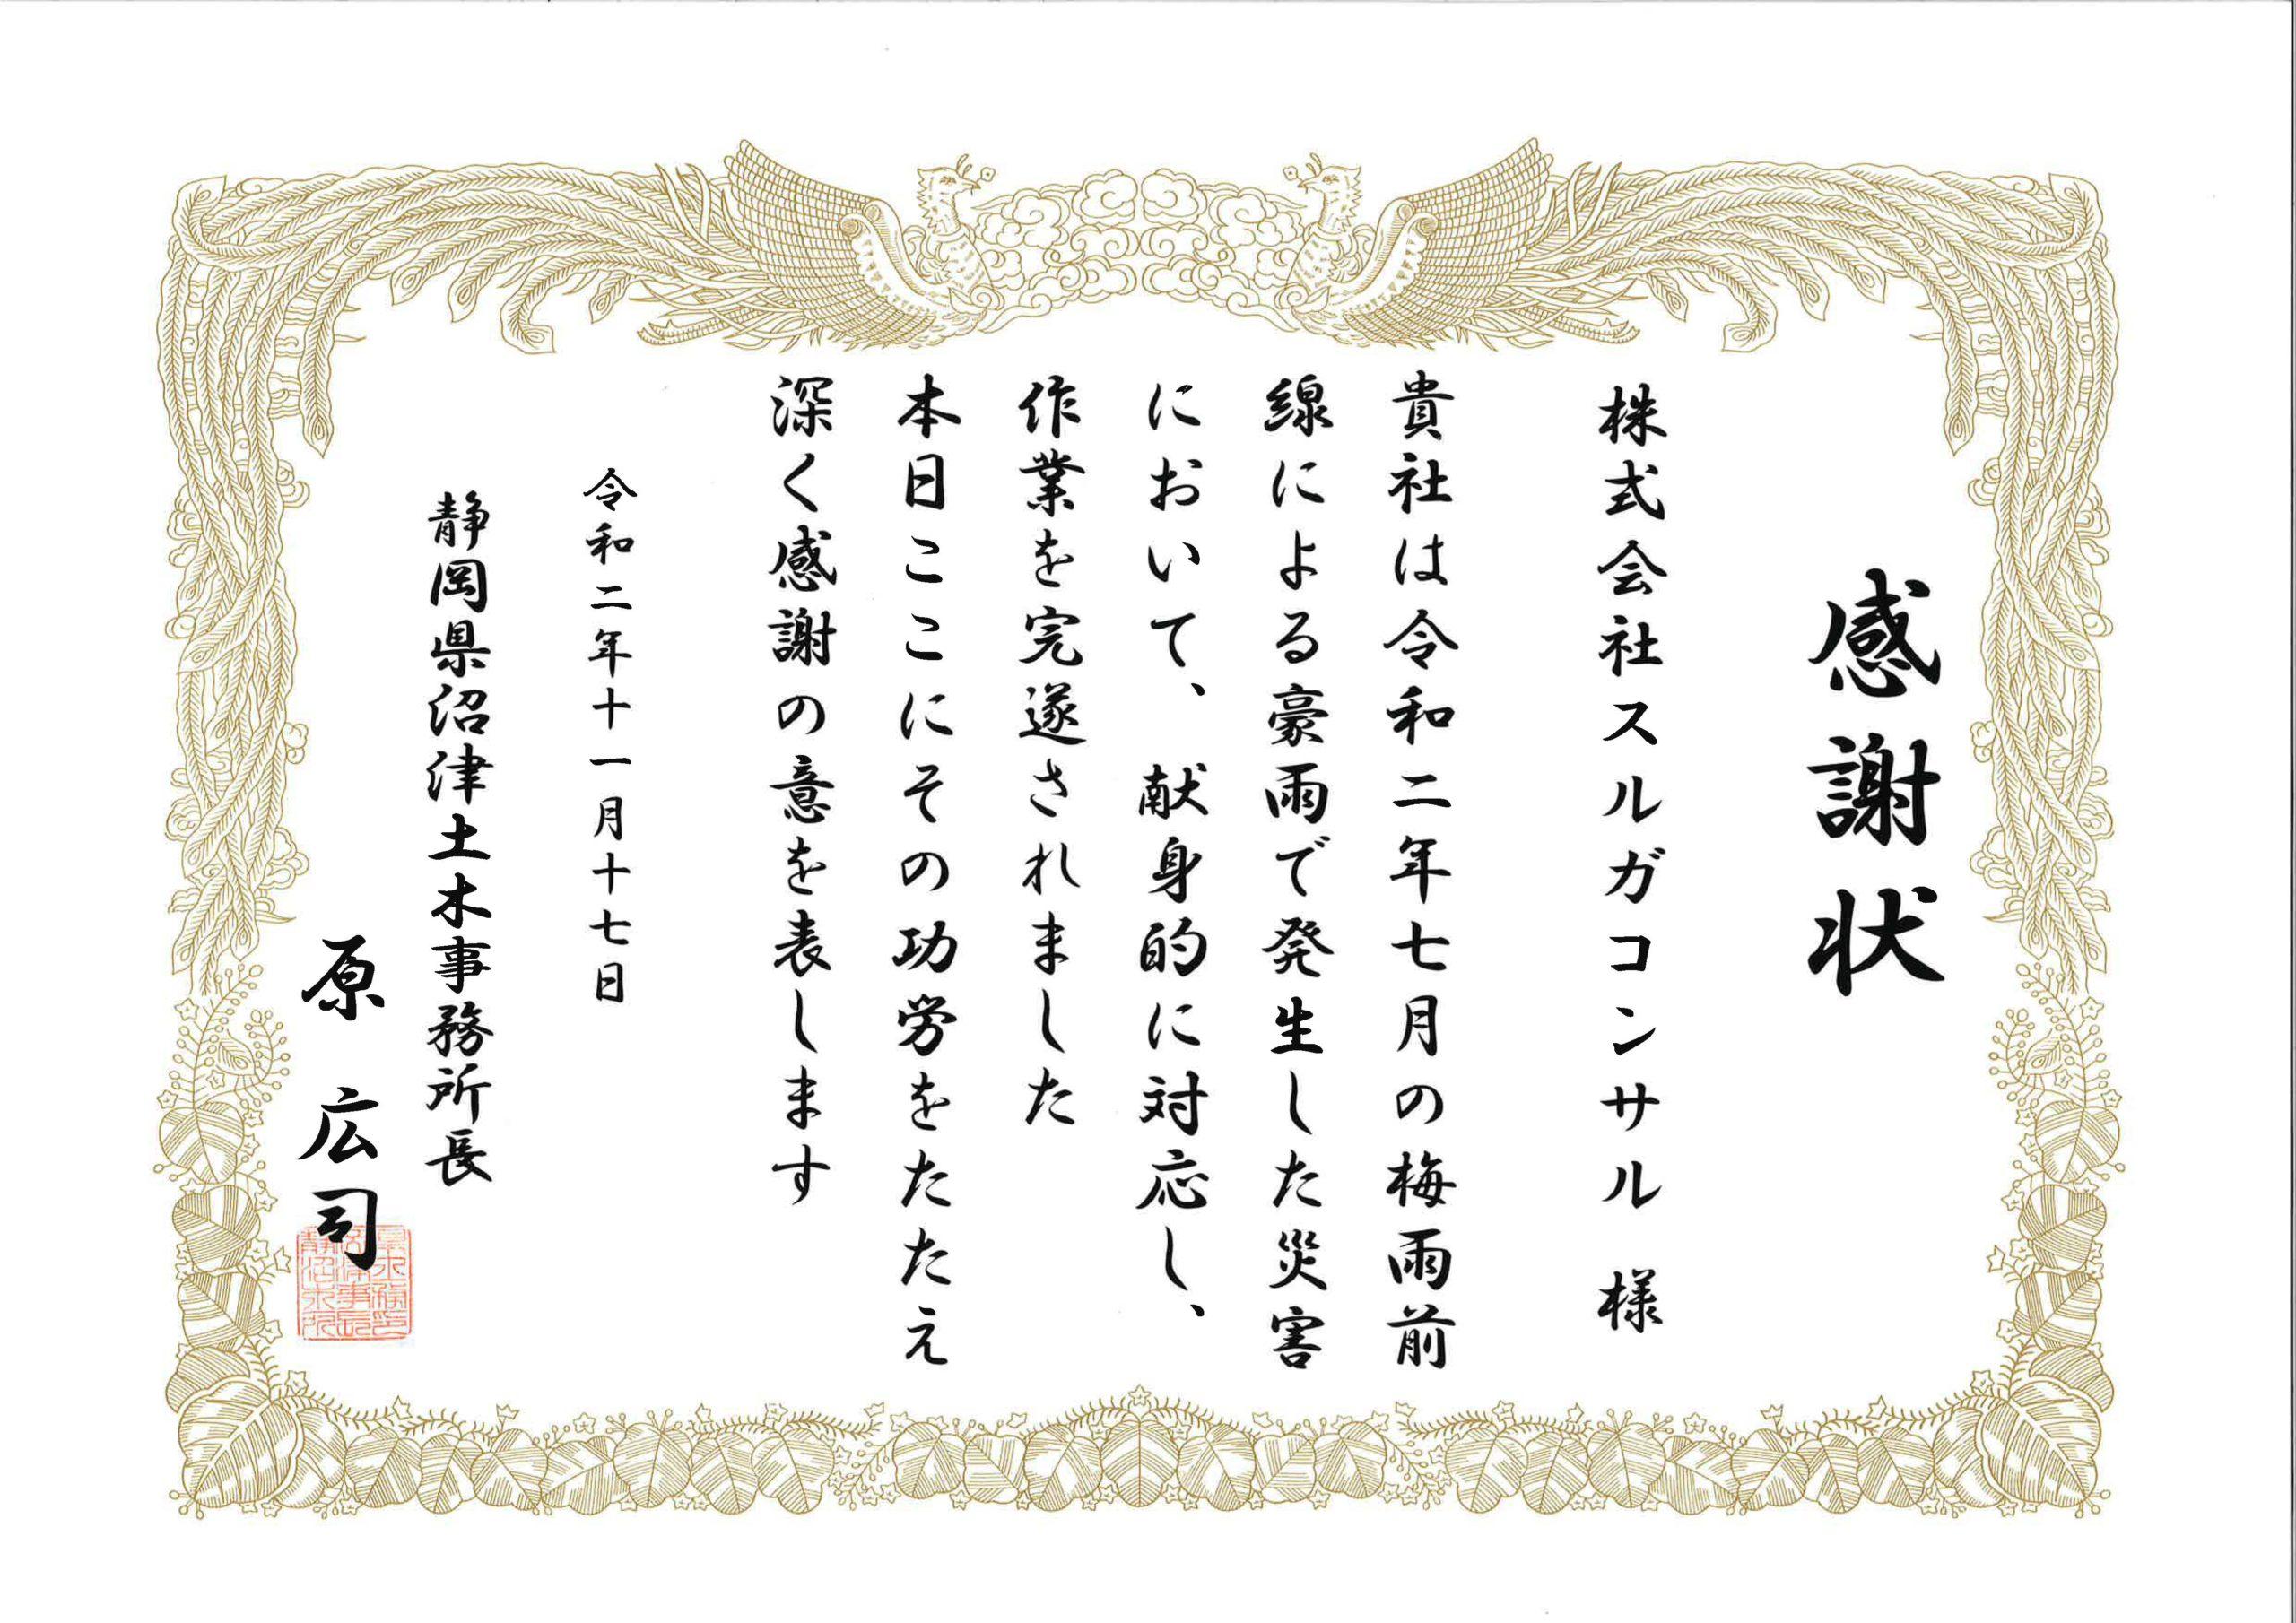 静岡県沼津土木事務所より感謝状をいただきました。